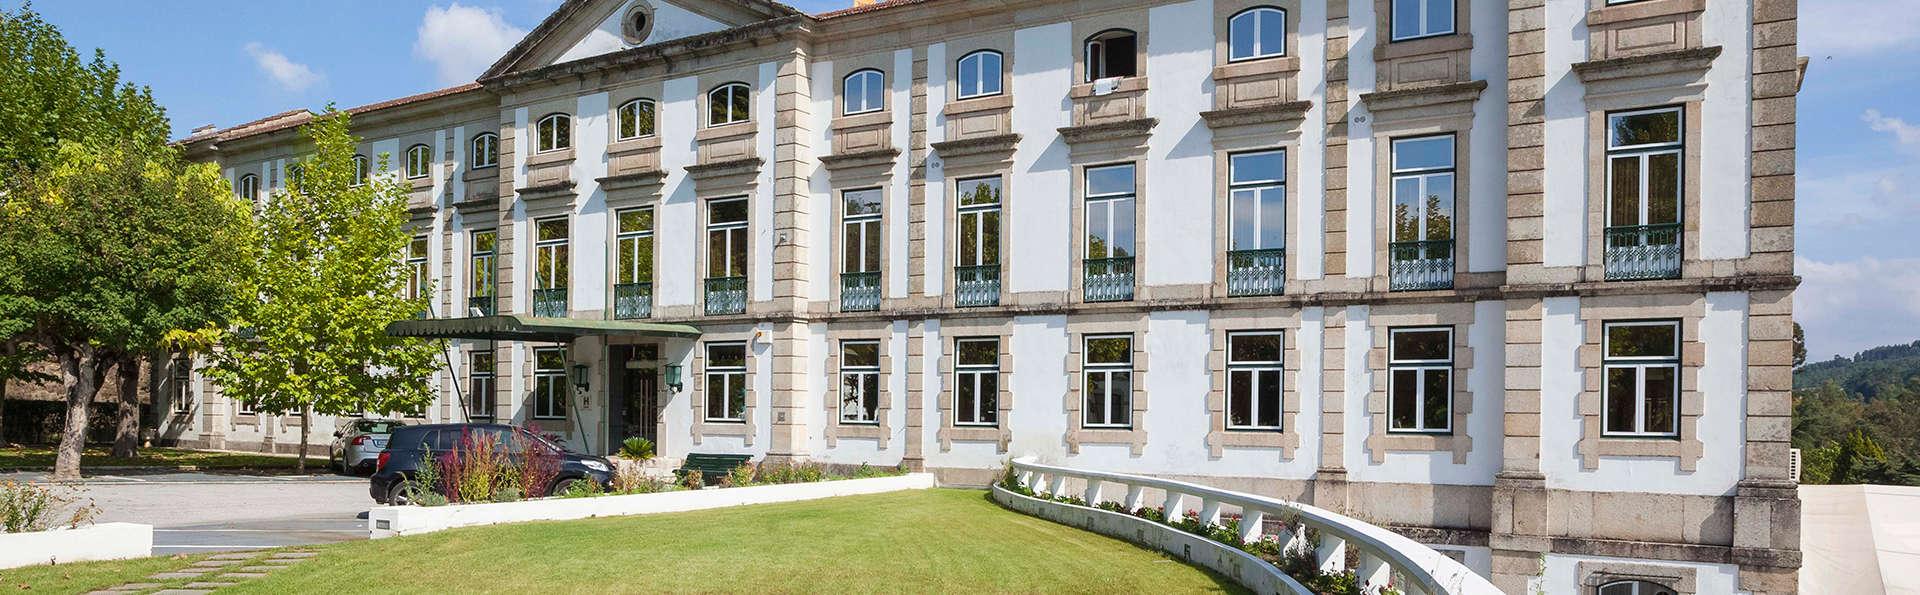 Grande Hotel das Caldas da Felgueira - EDIT_front1.jpg